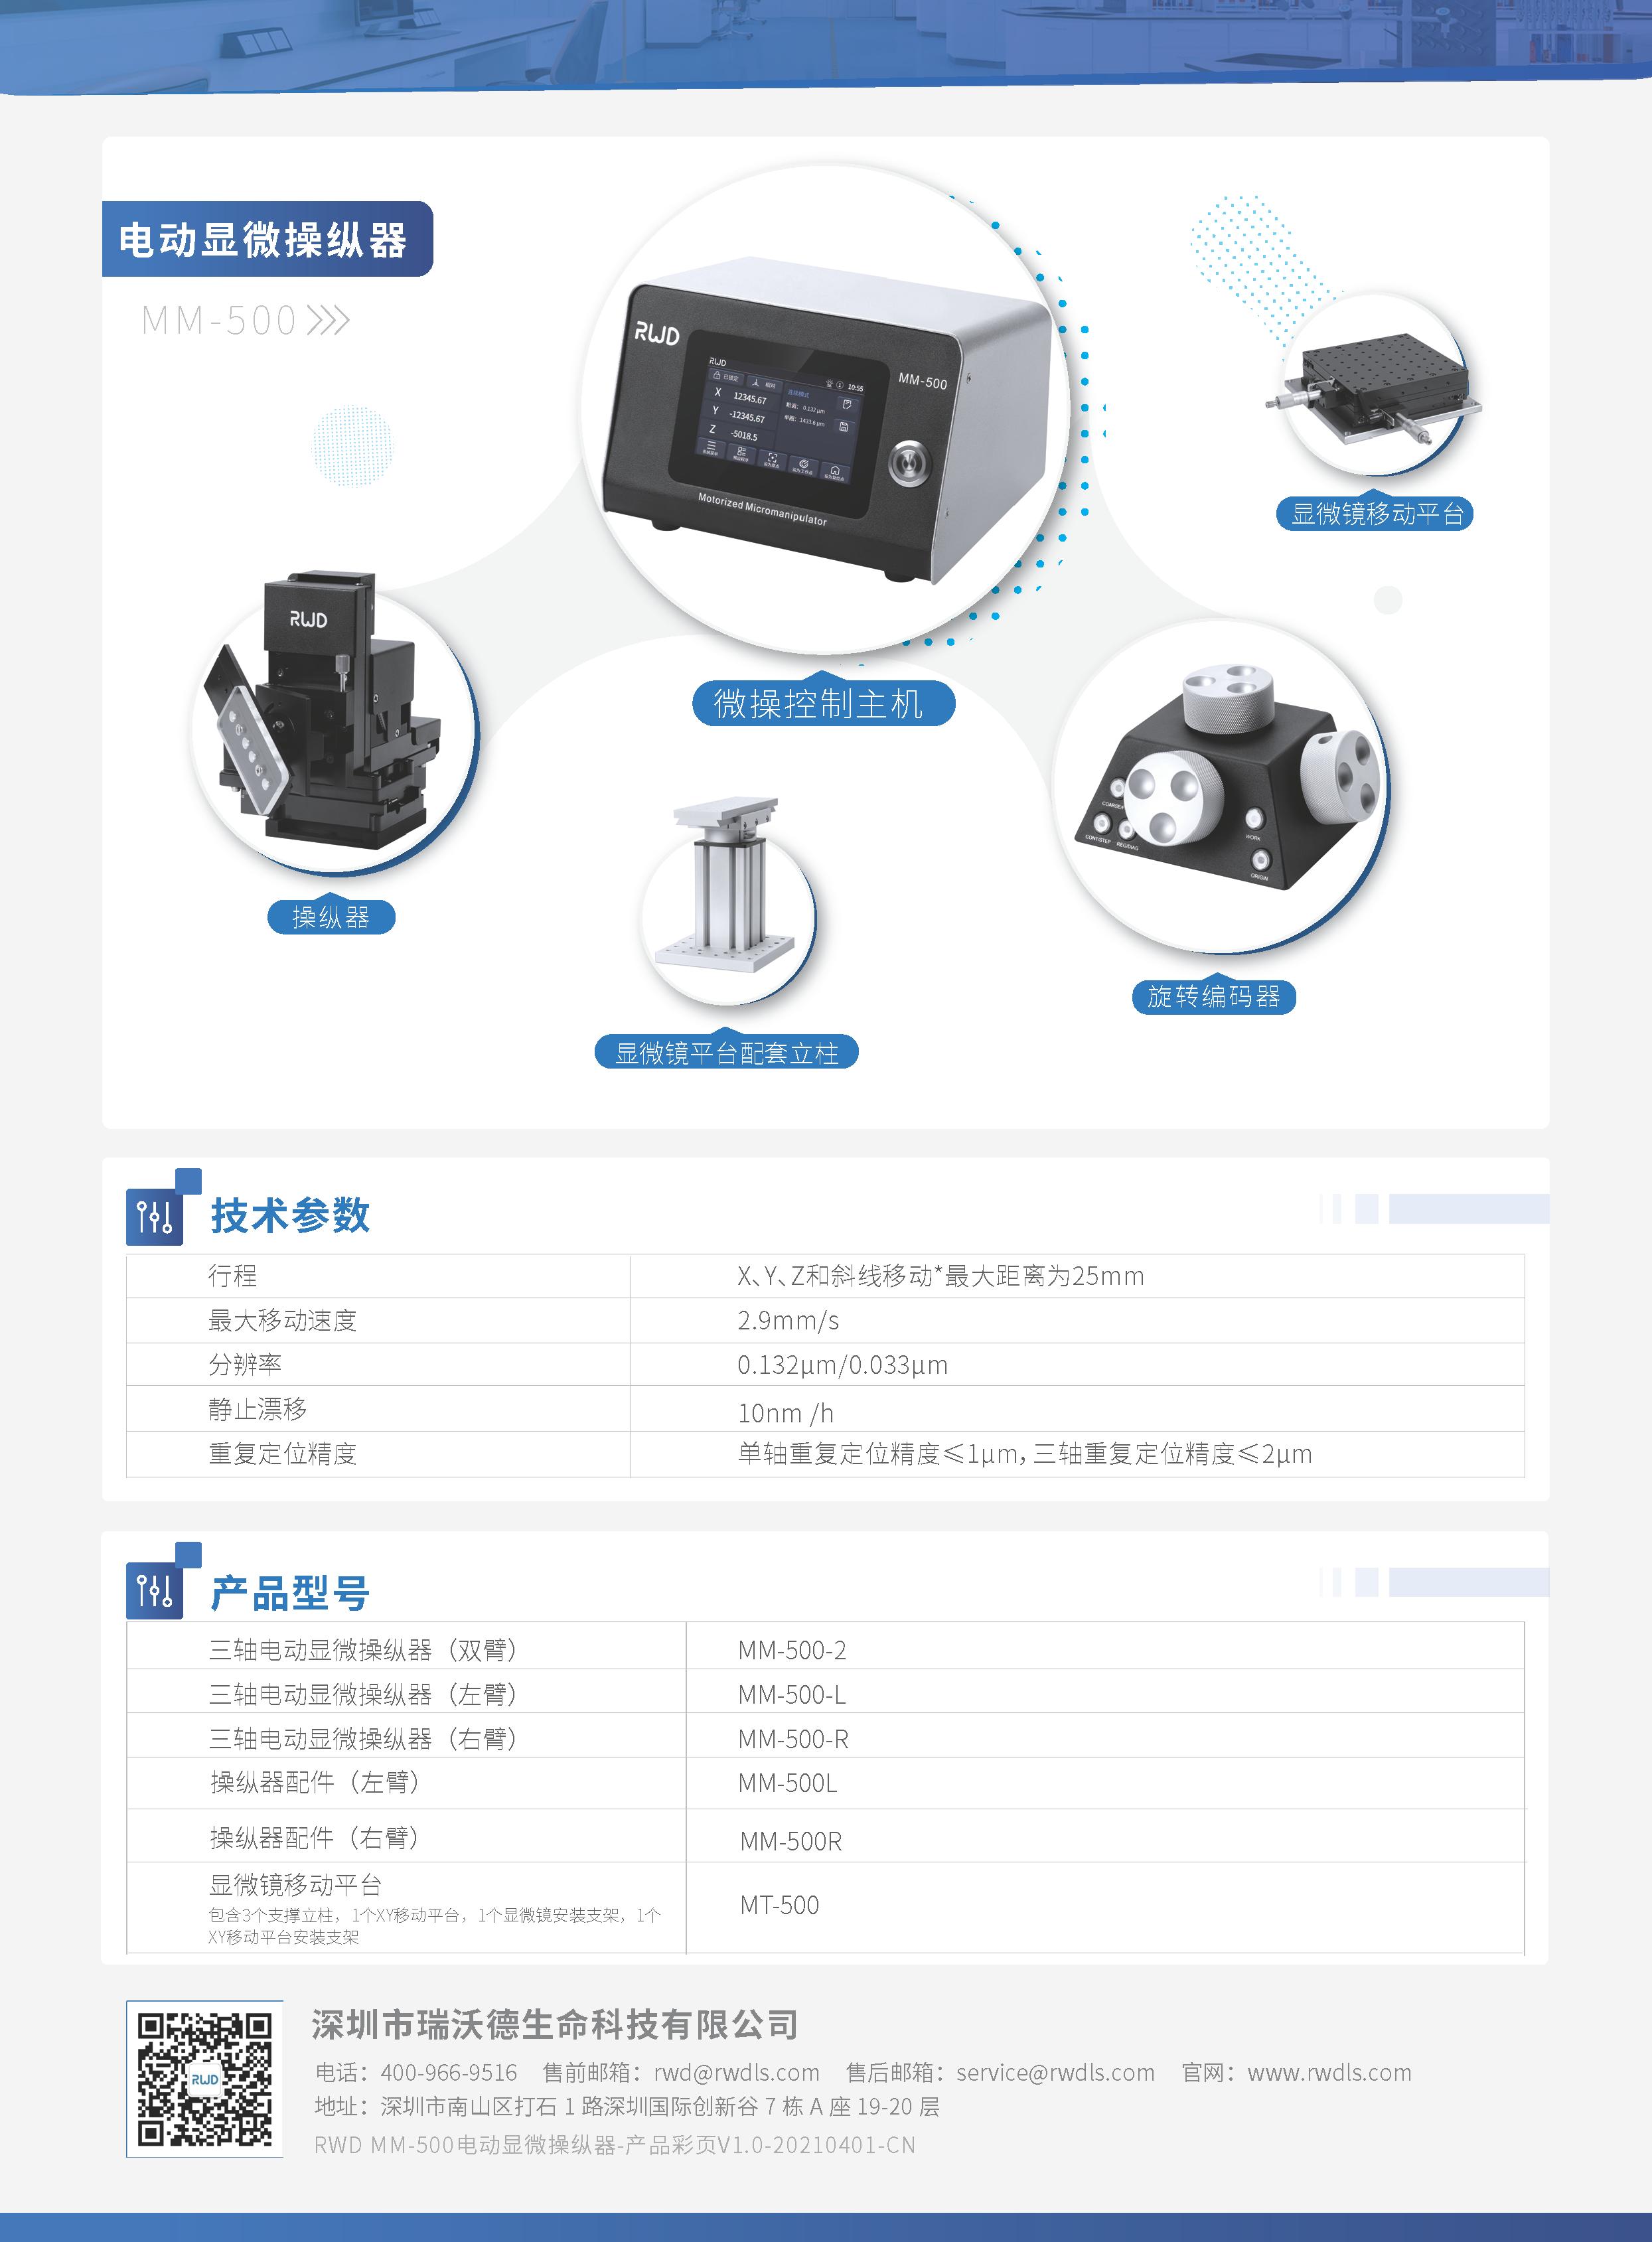 1.1 产品彩页-RWD电动显微操纵器-CN-V1.0_页面_2.png